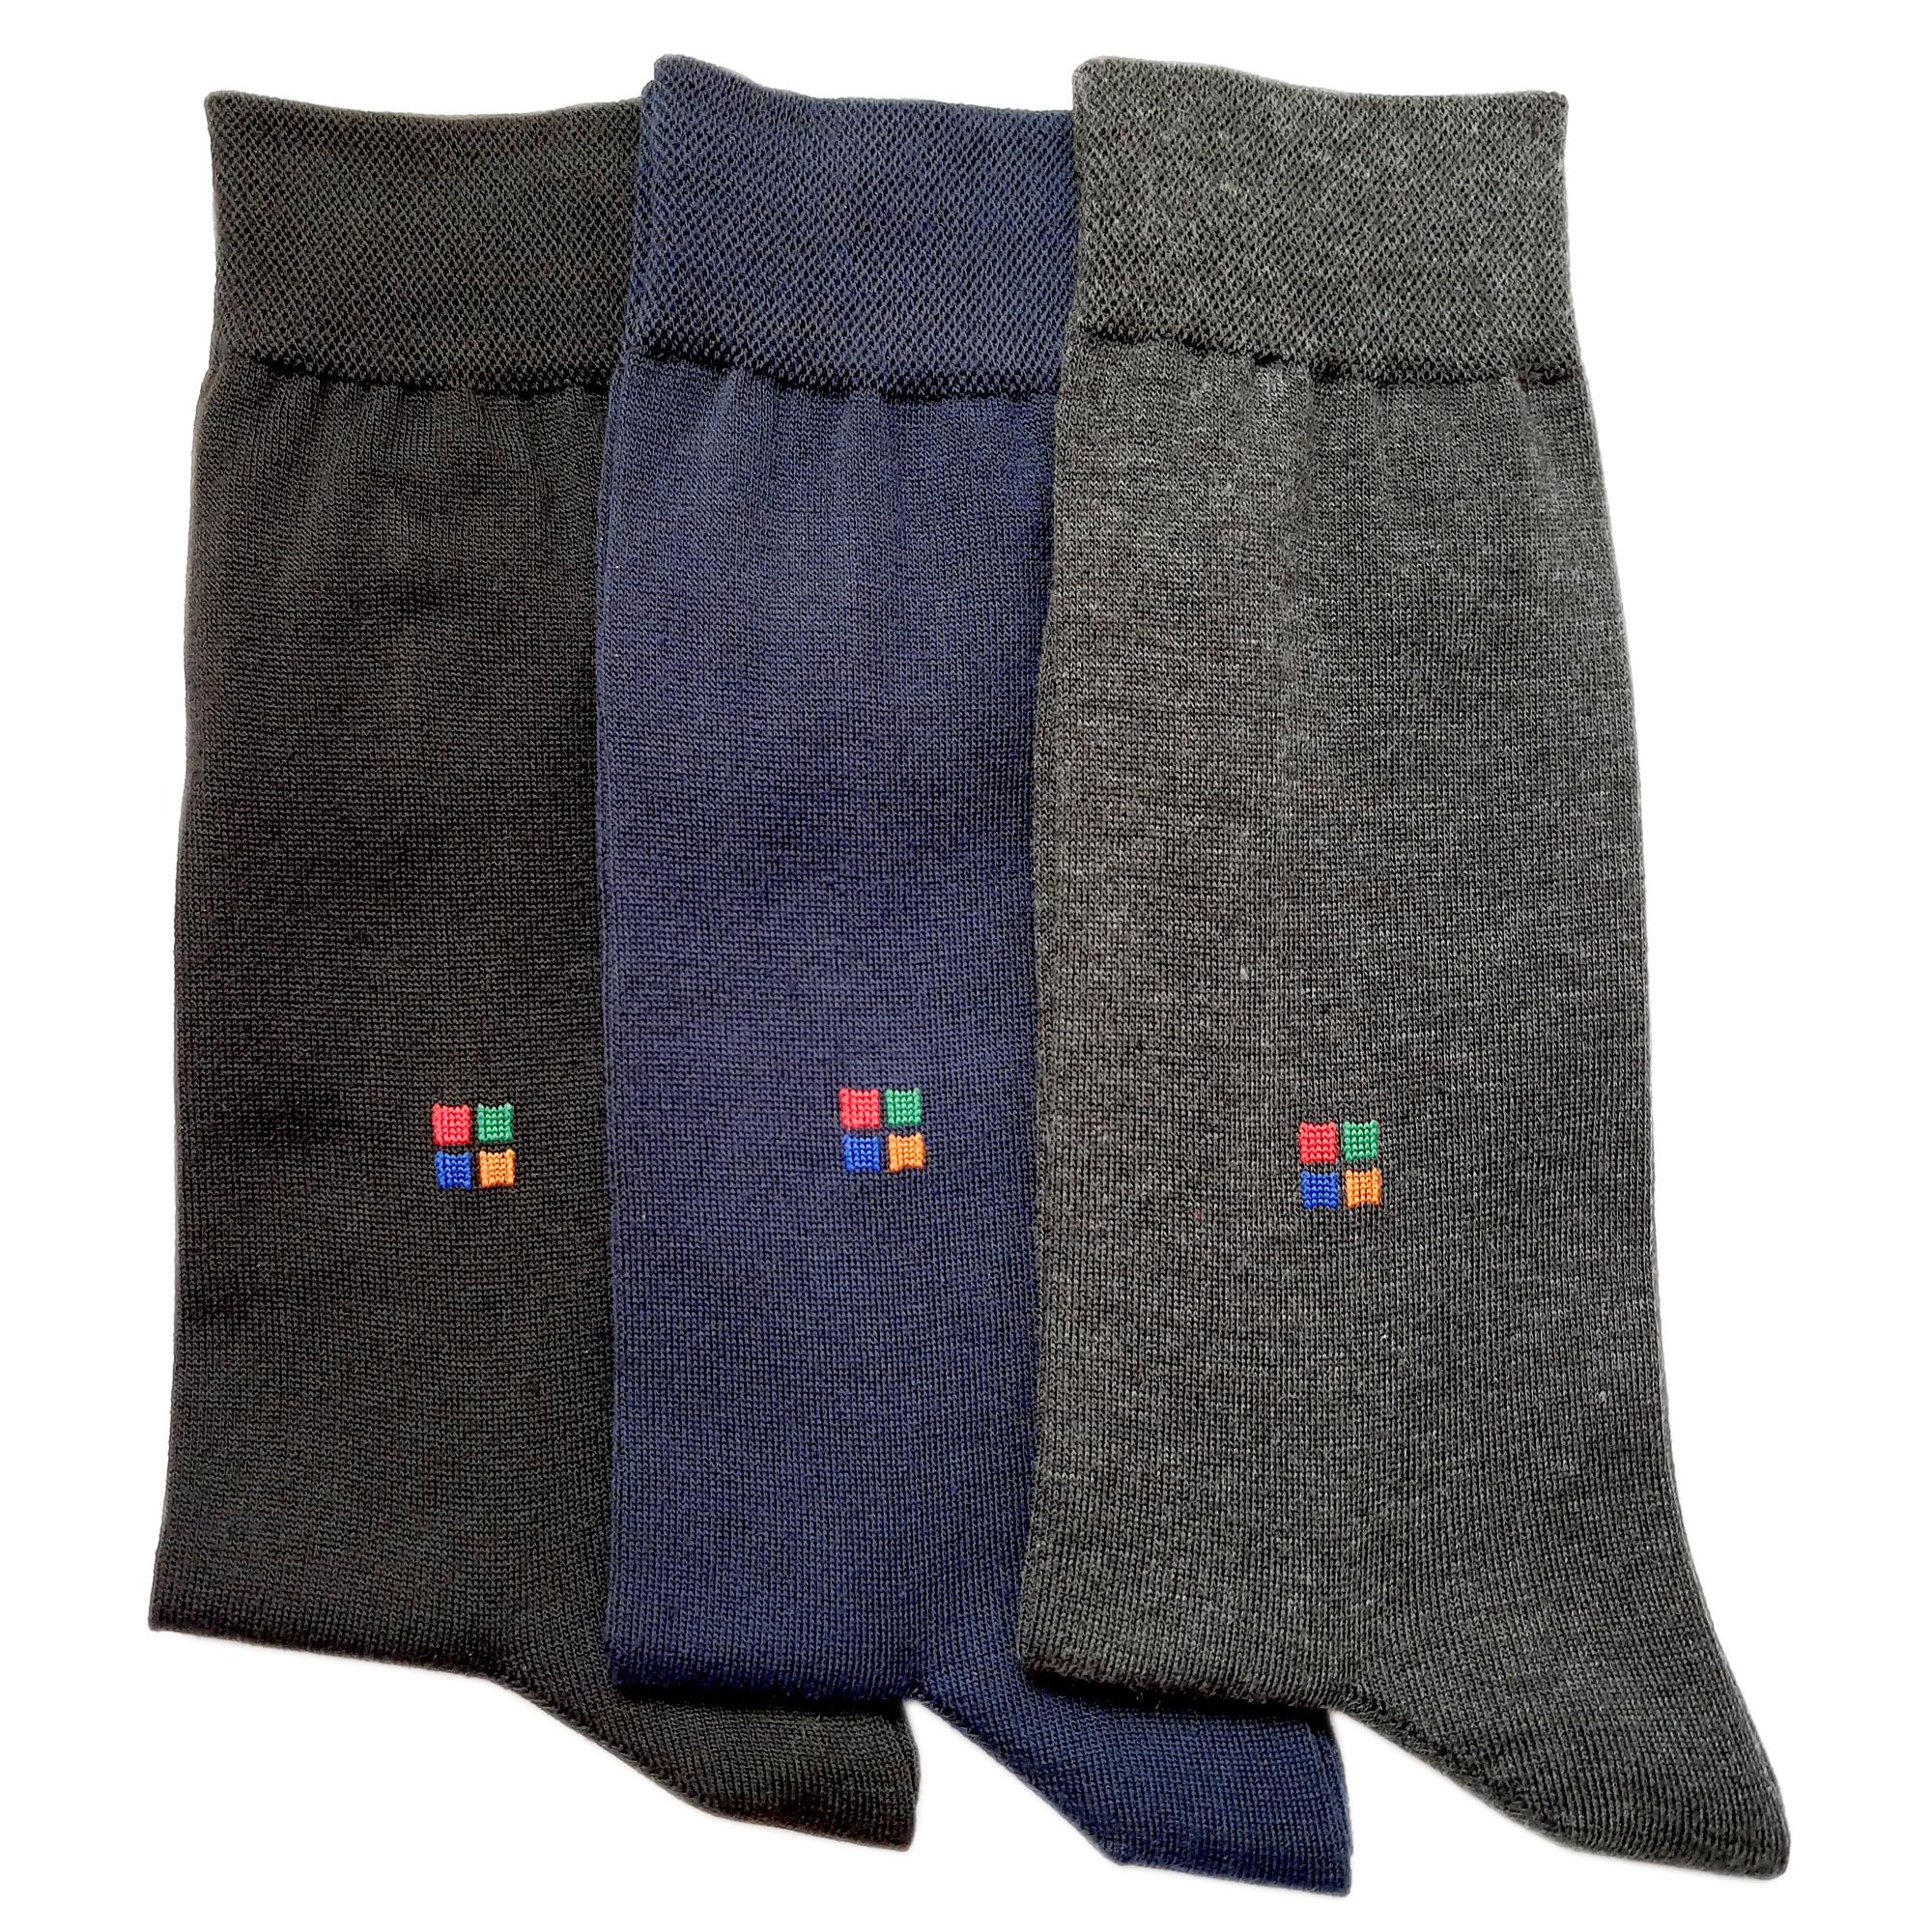 جوراب مردانه کد R303 مجموعه 3 عددی